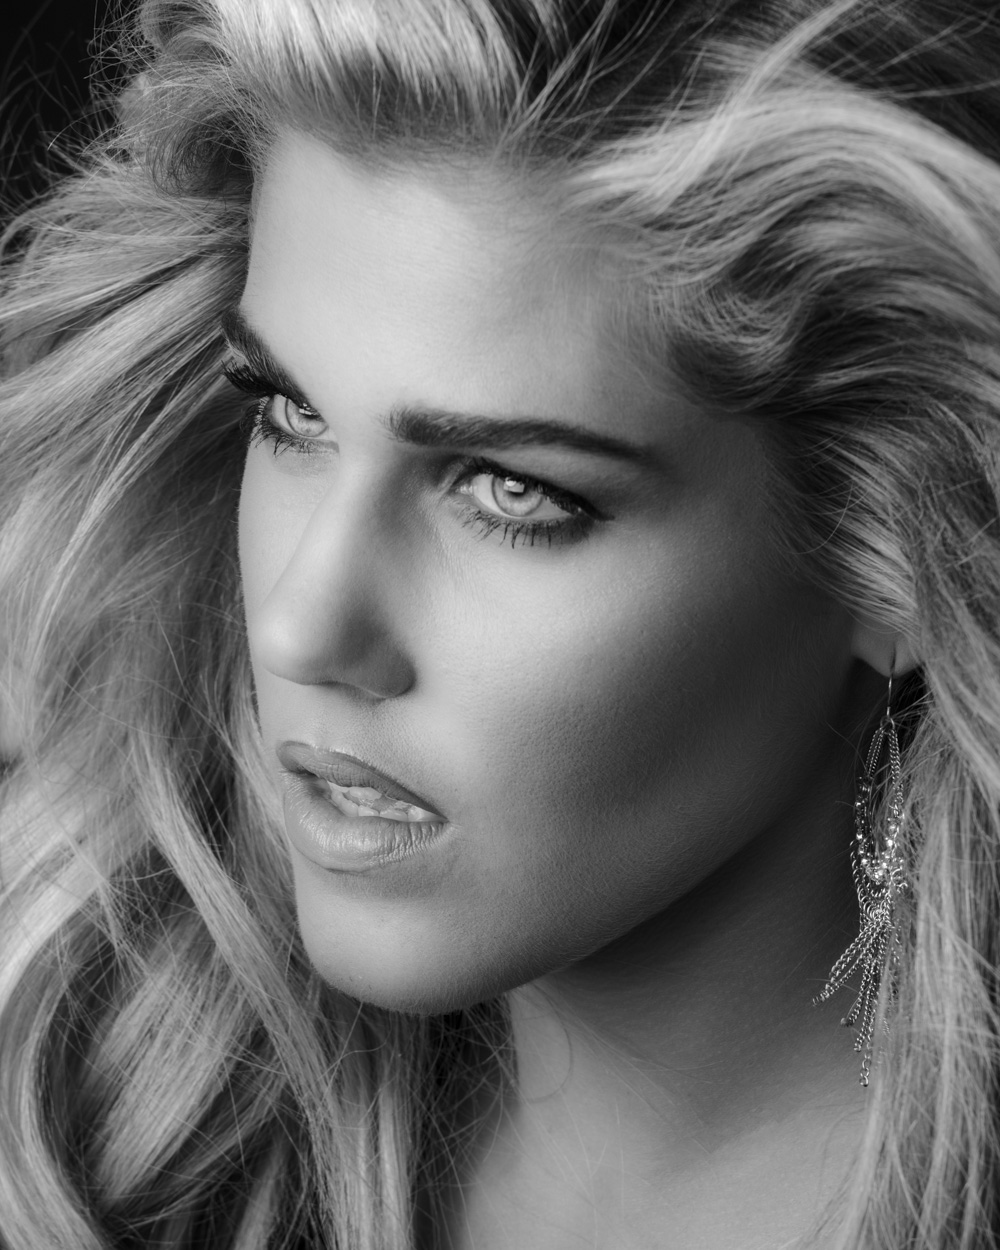 Glamour & Modeling Headshots